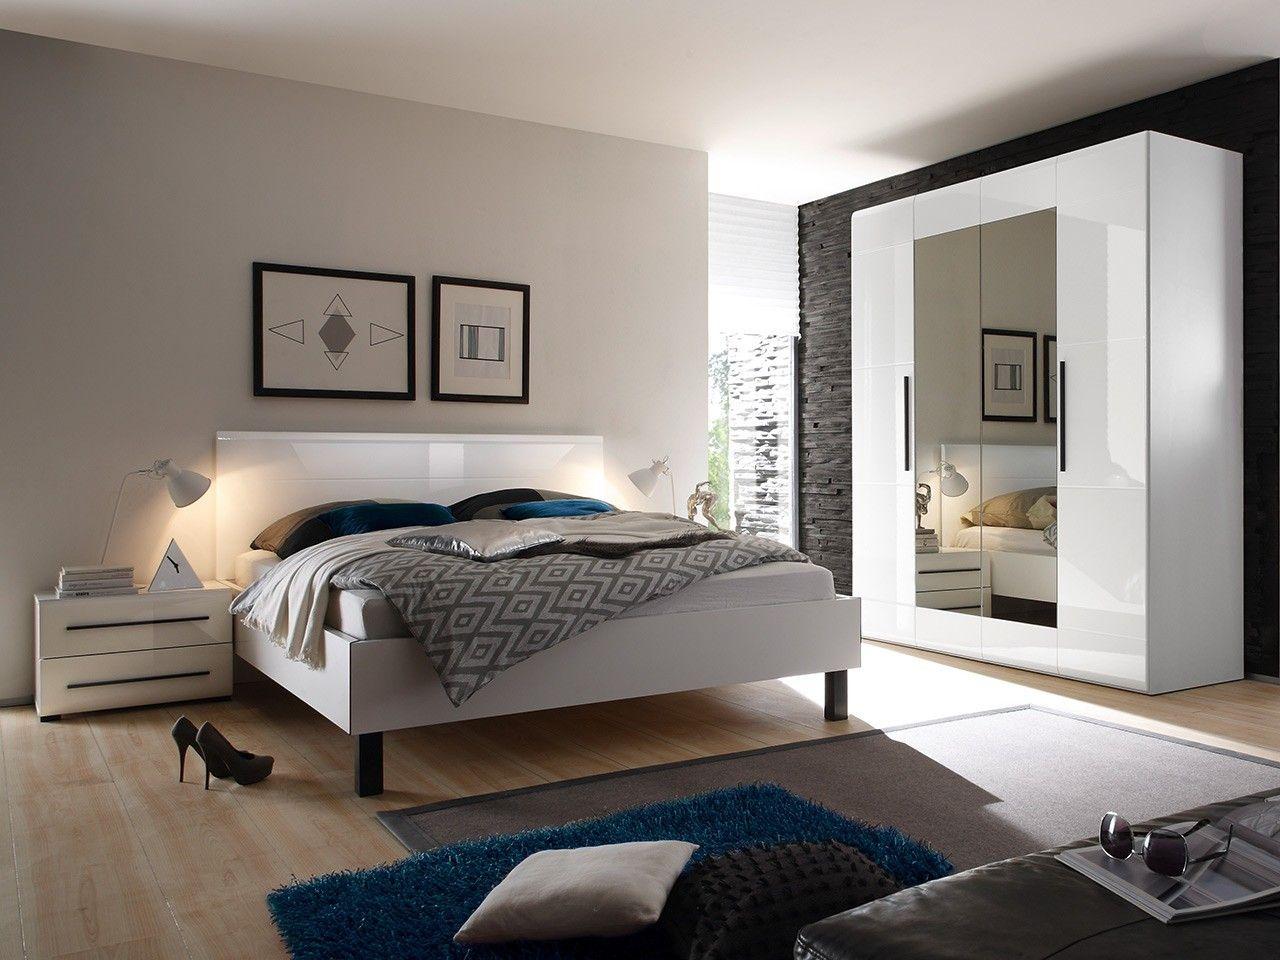 Schlafzimmer Schnäppchen » Best das schlafzimmer helvetia images ...